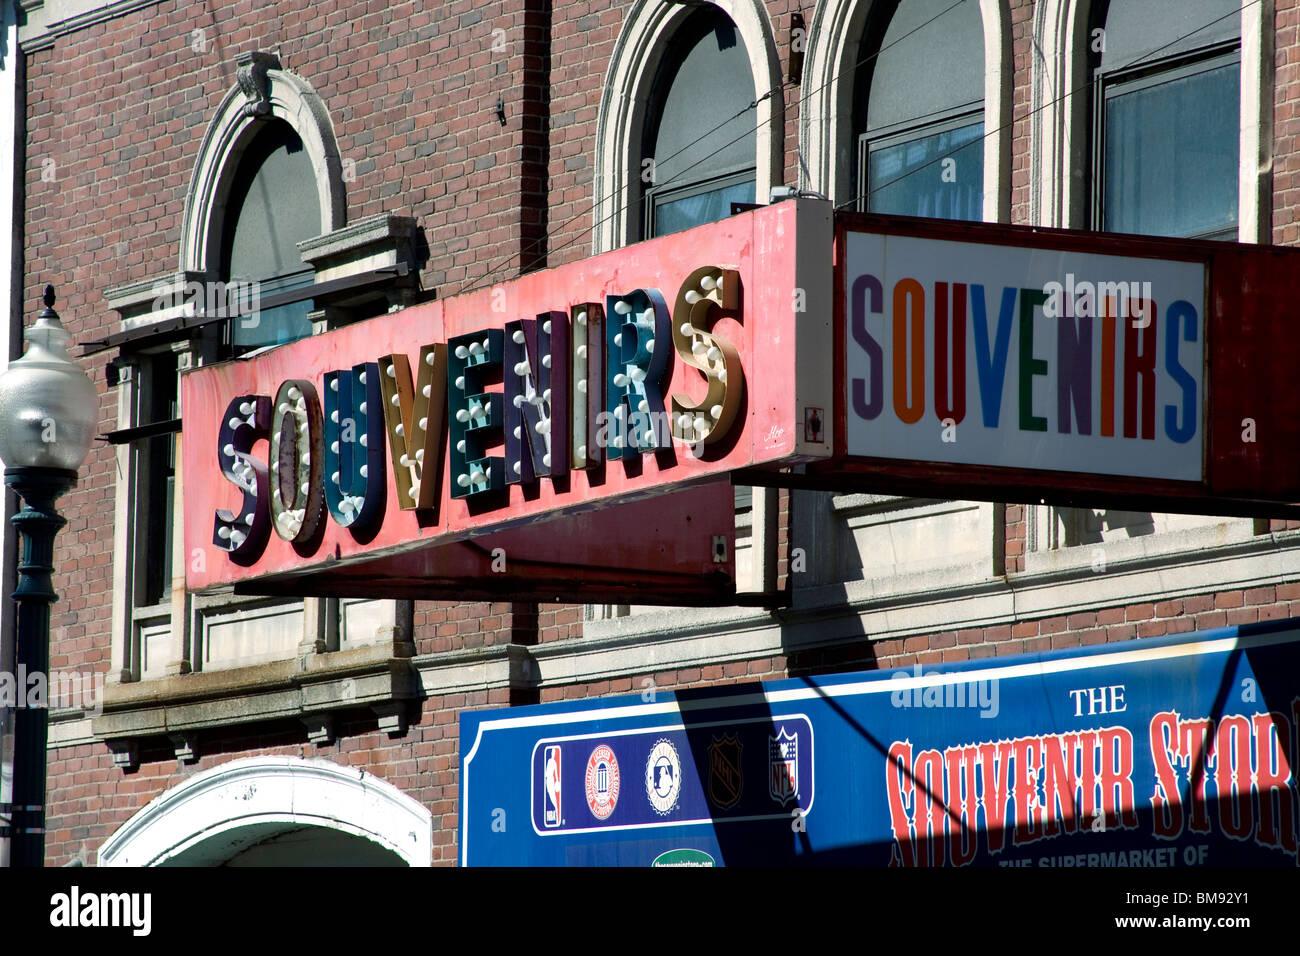 Awning of a Souvenir Shop. - Stock Image